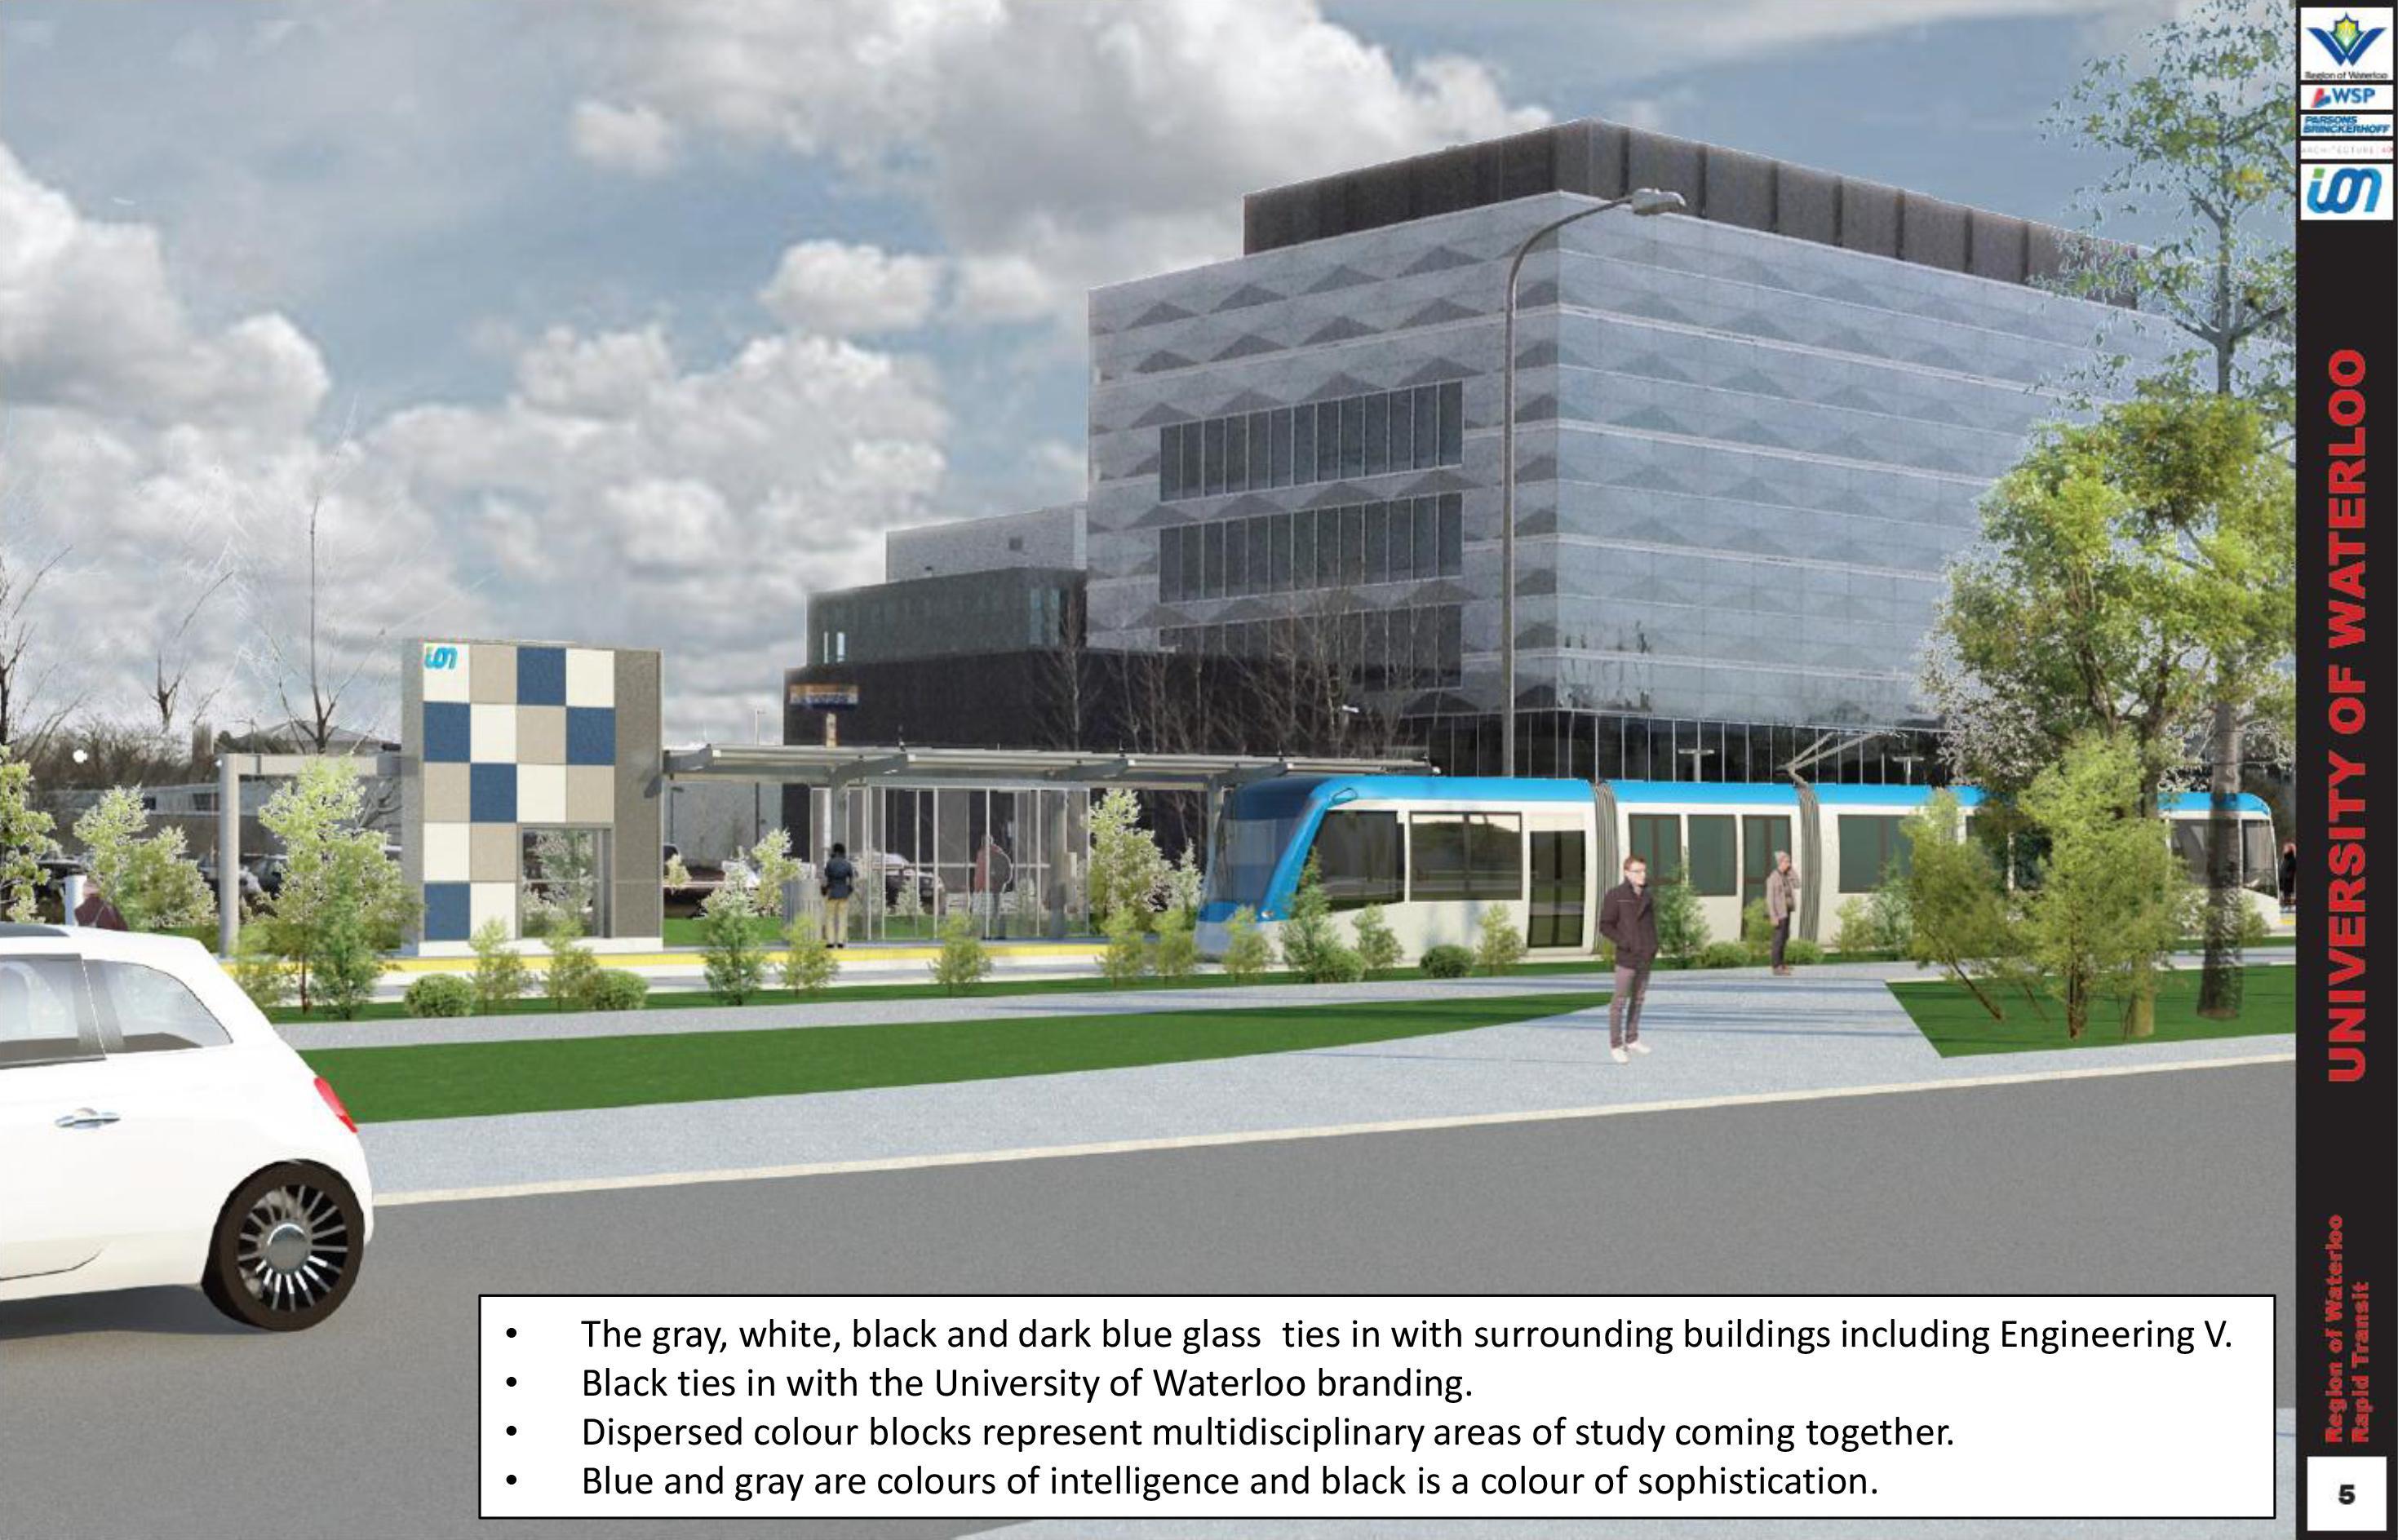 WRLRT 05 University of Waterloo 20150505